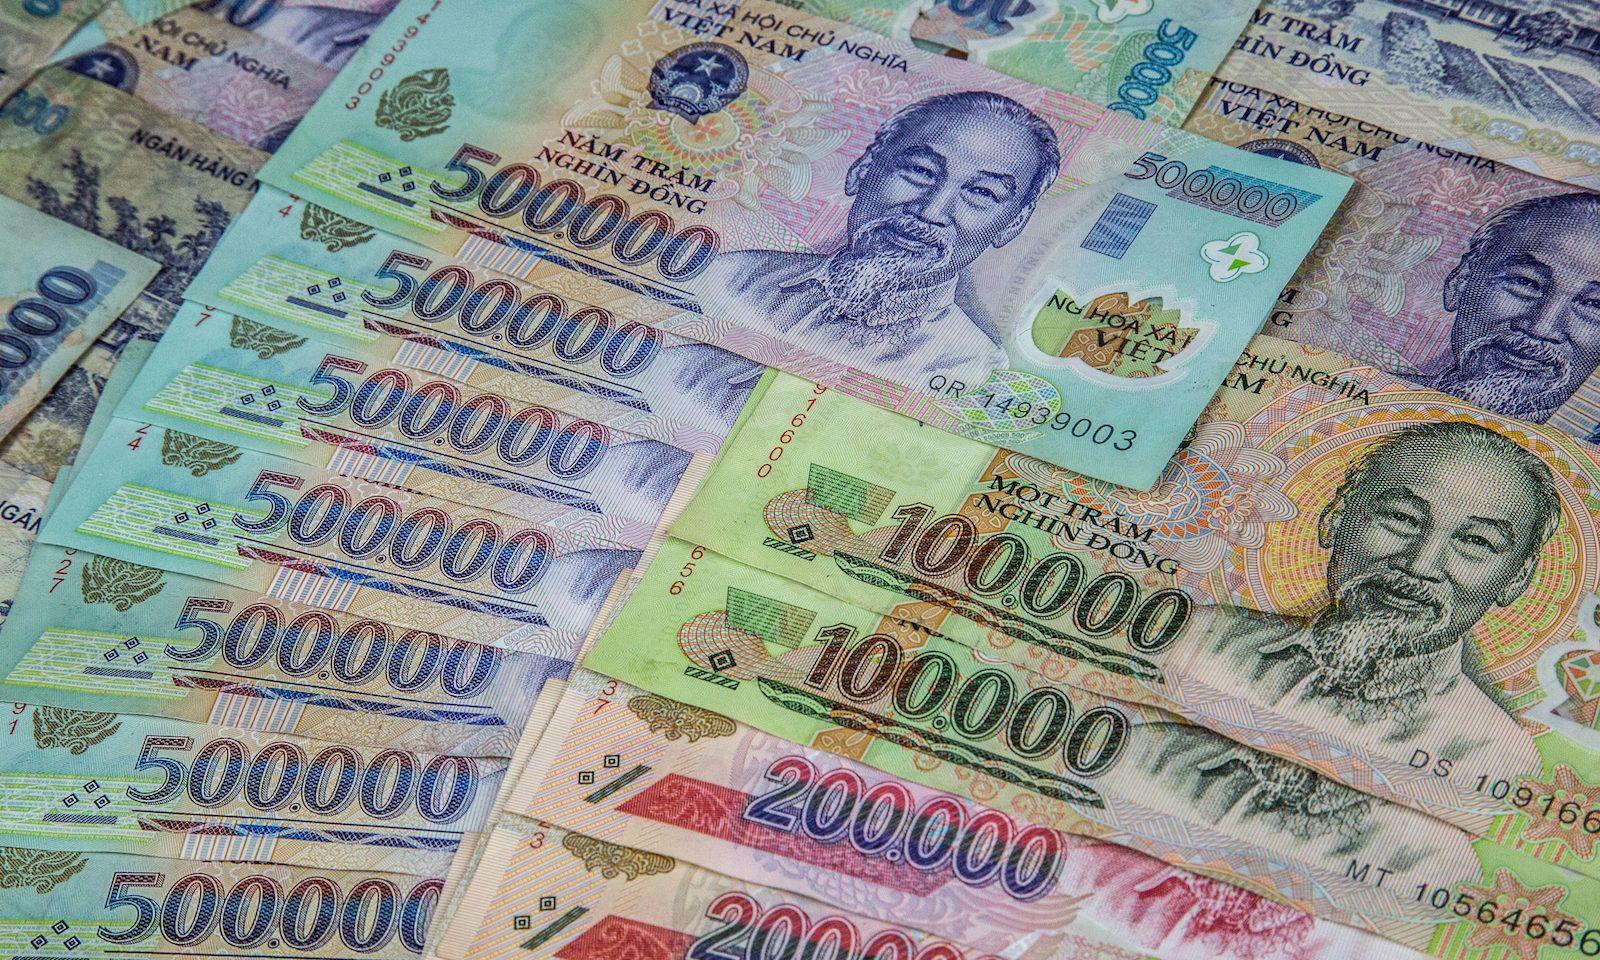 Hình ảnh tiền Việt Nam hiện nay